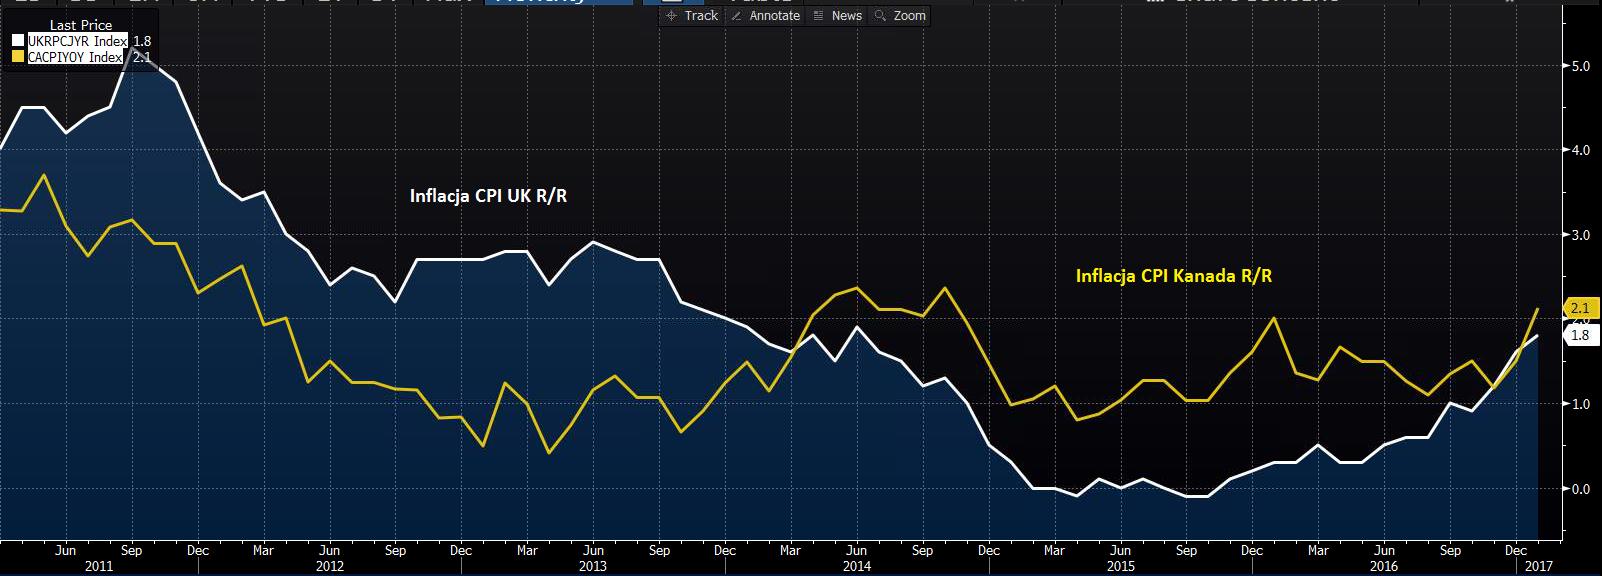 Inflacja CPI R/R z Kanady i Wielkiej Brytanii